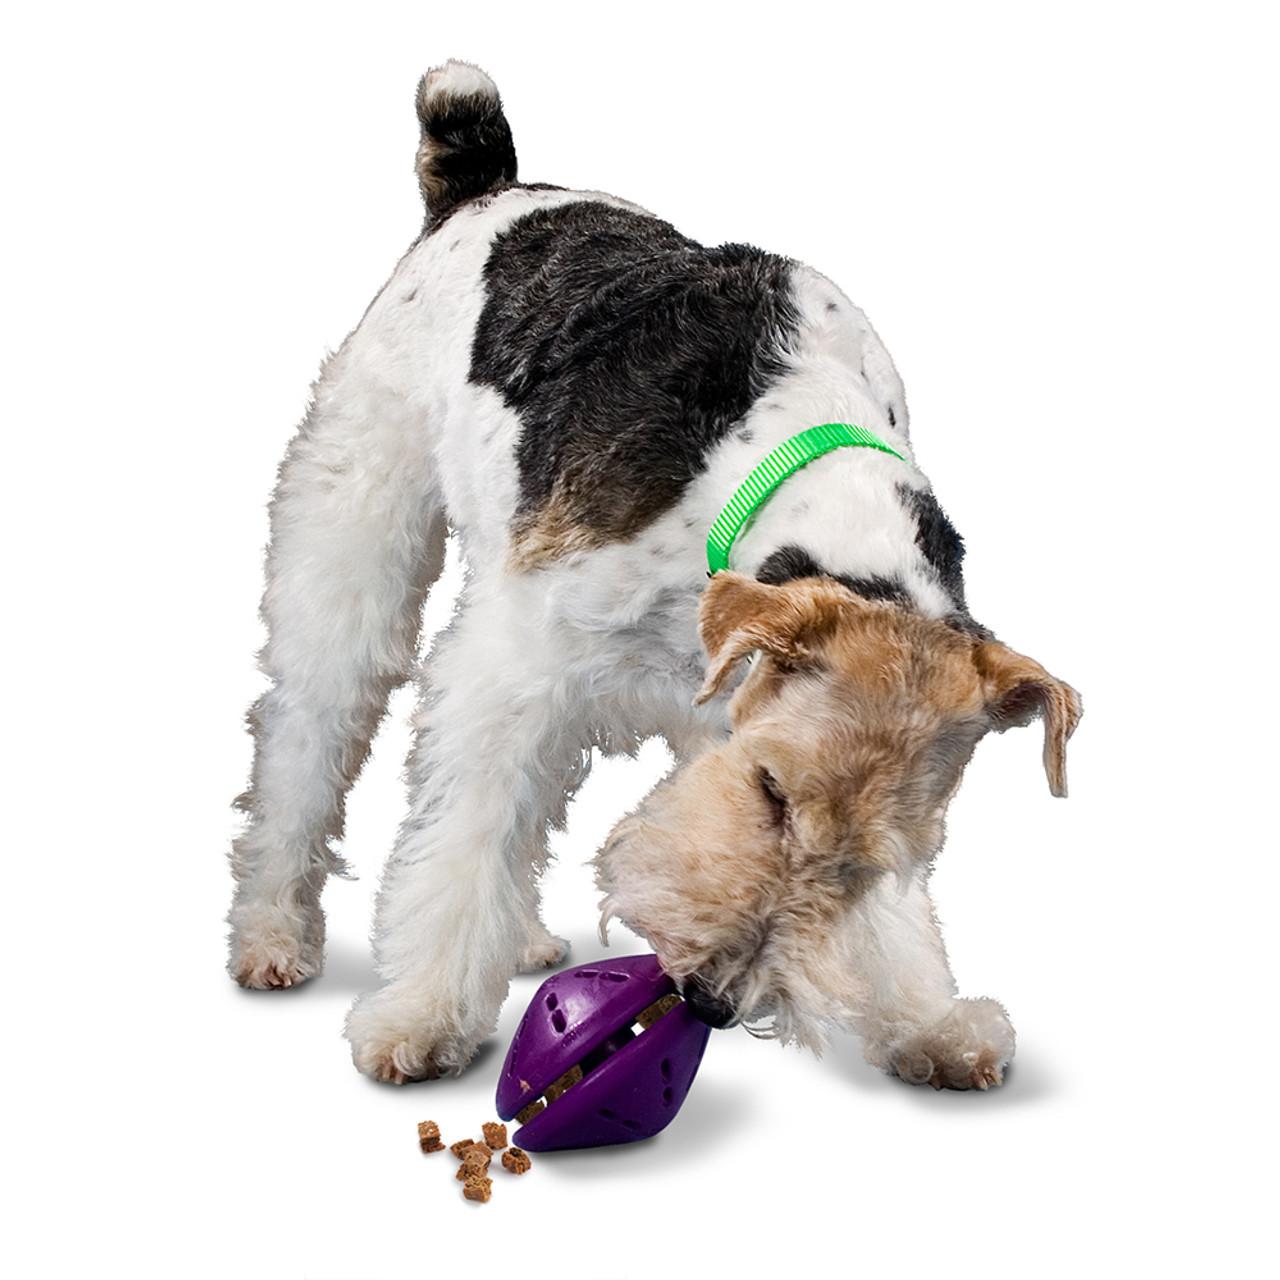 Busy Buddy Twist n' Treat Dog Toy